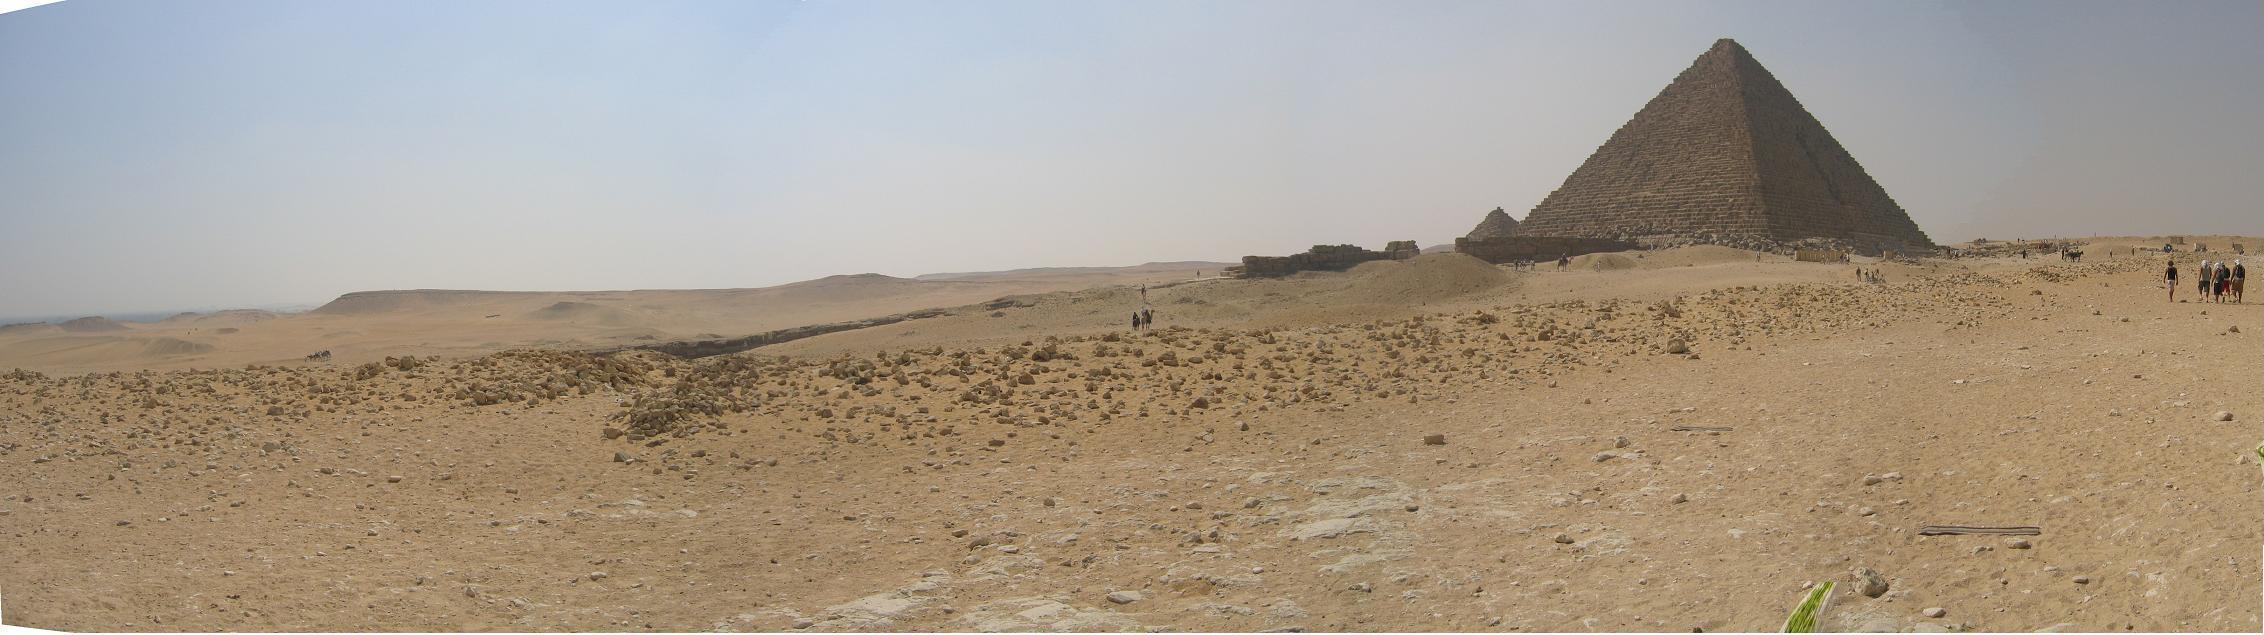 Egypt_pyramids1_3